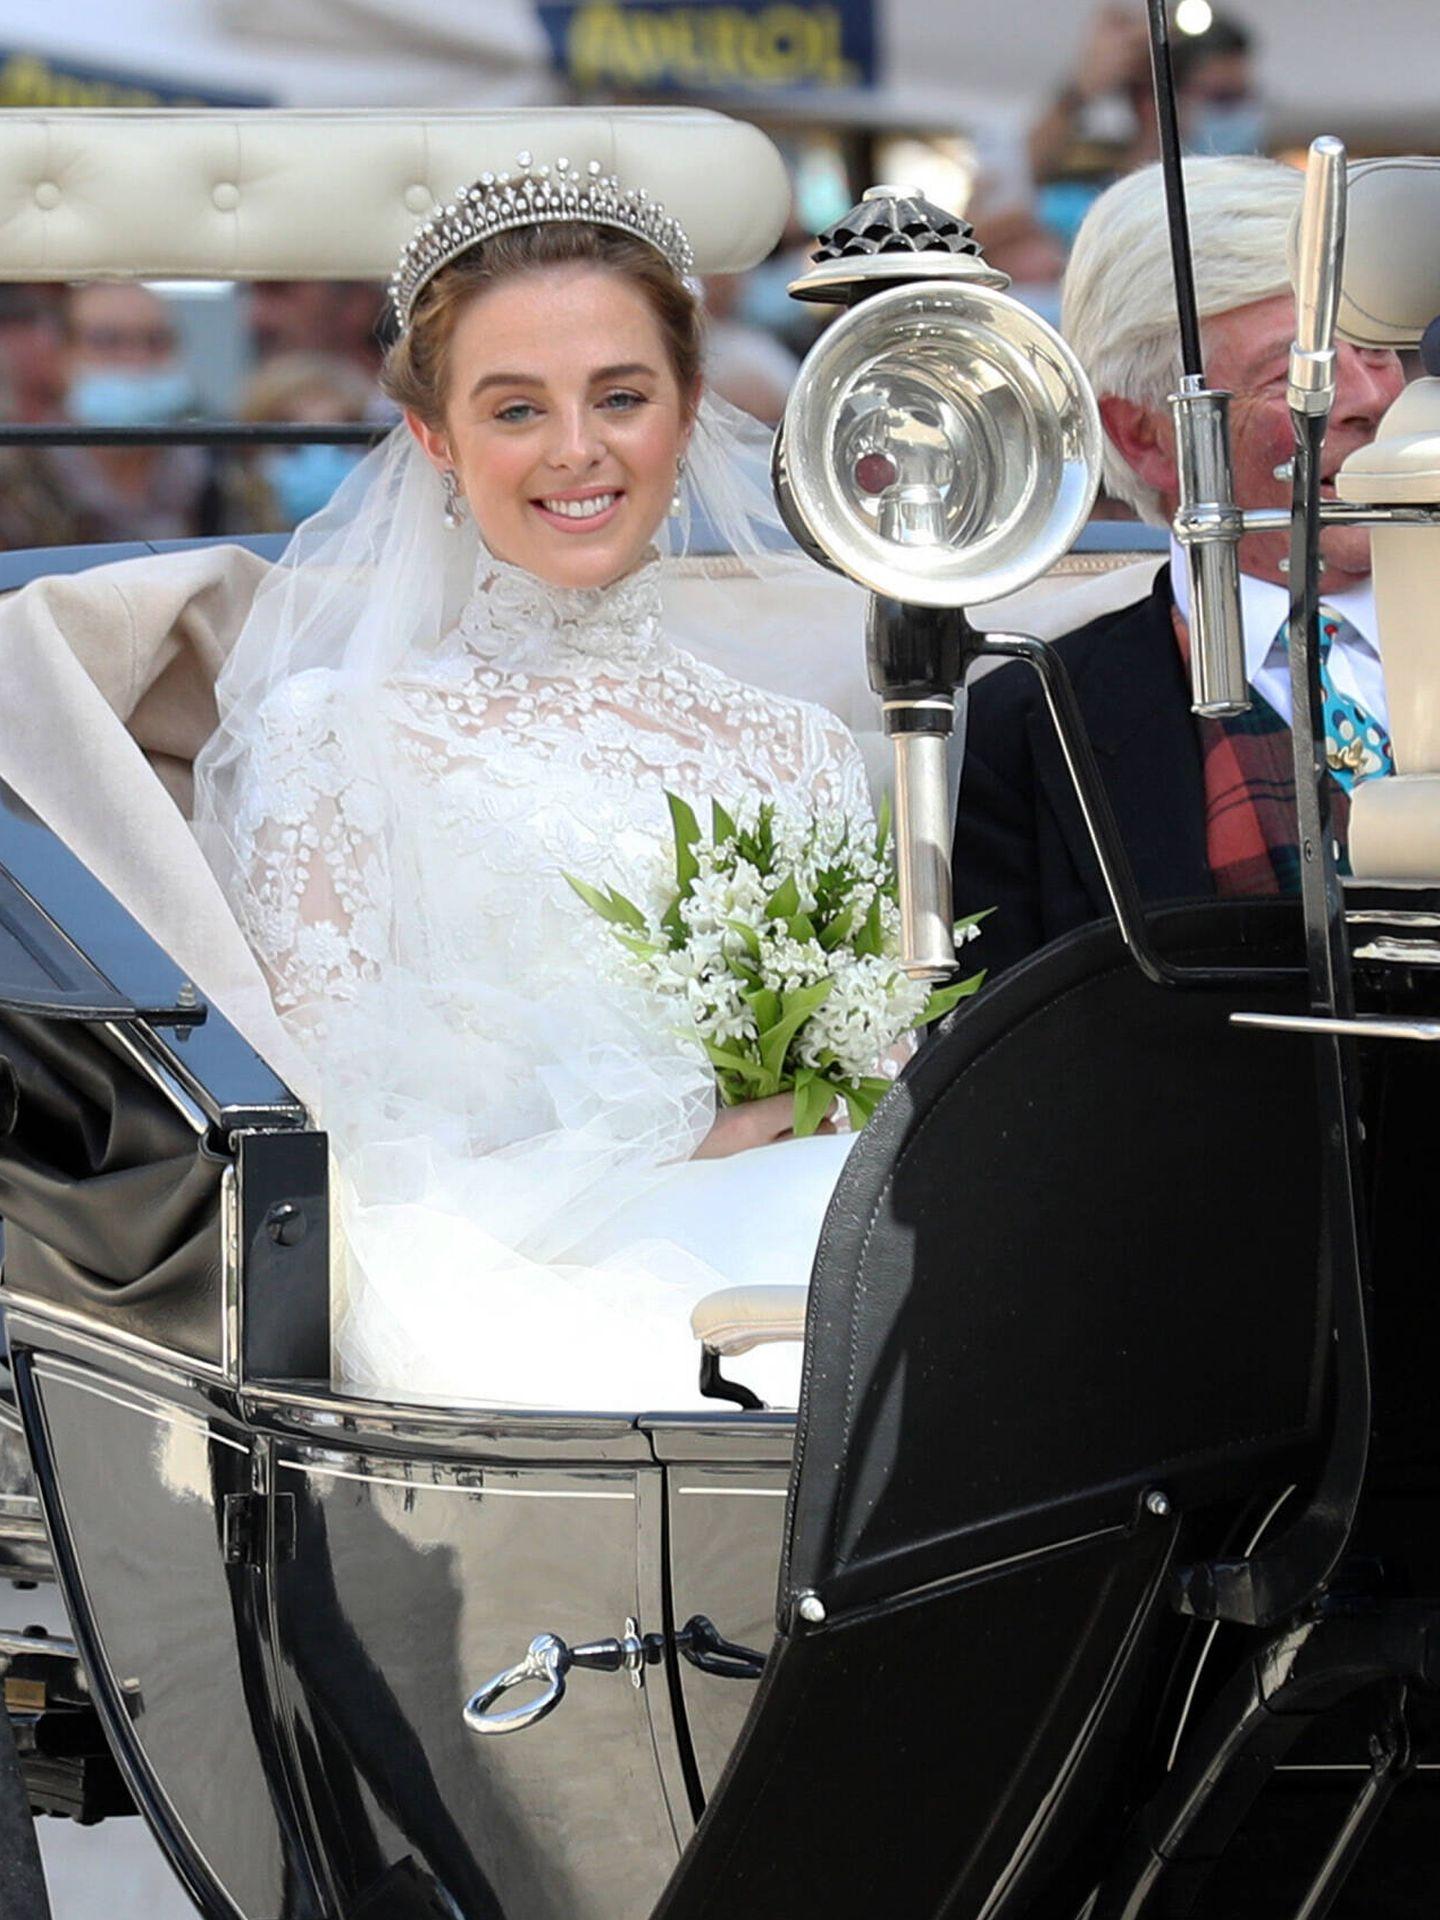 La novia, luciendo su vestido. (Gtres)